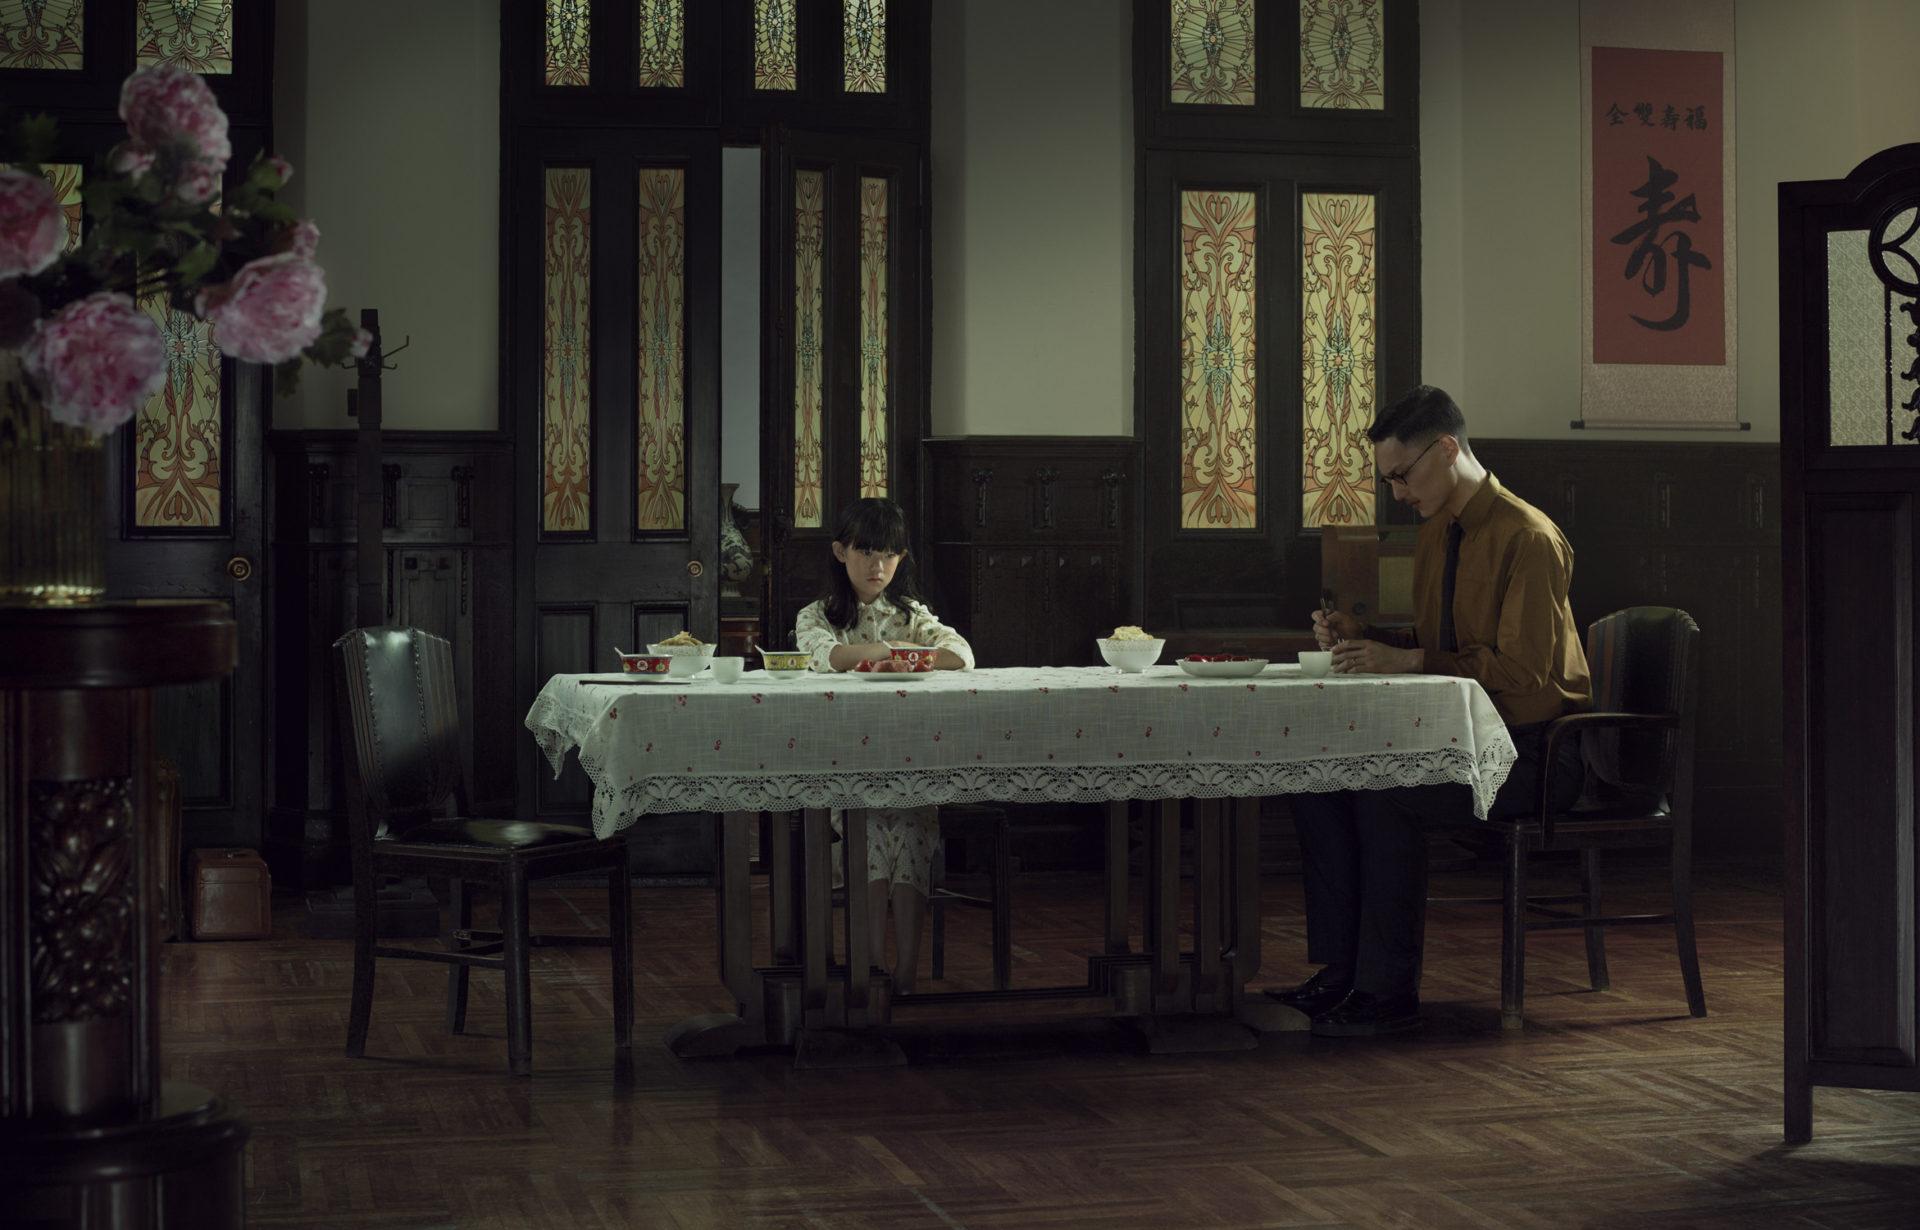 Shanghai_Fu 1088_The family dinner_2017